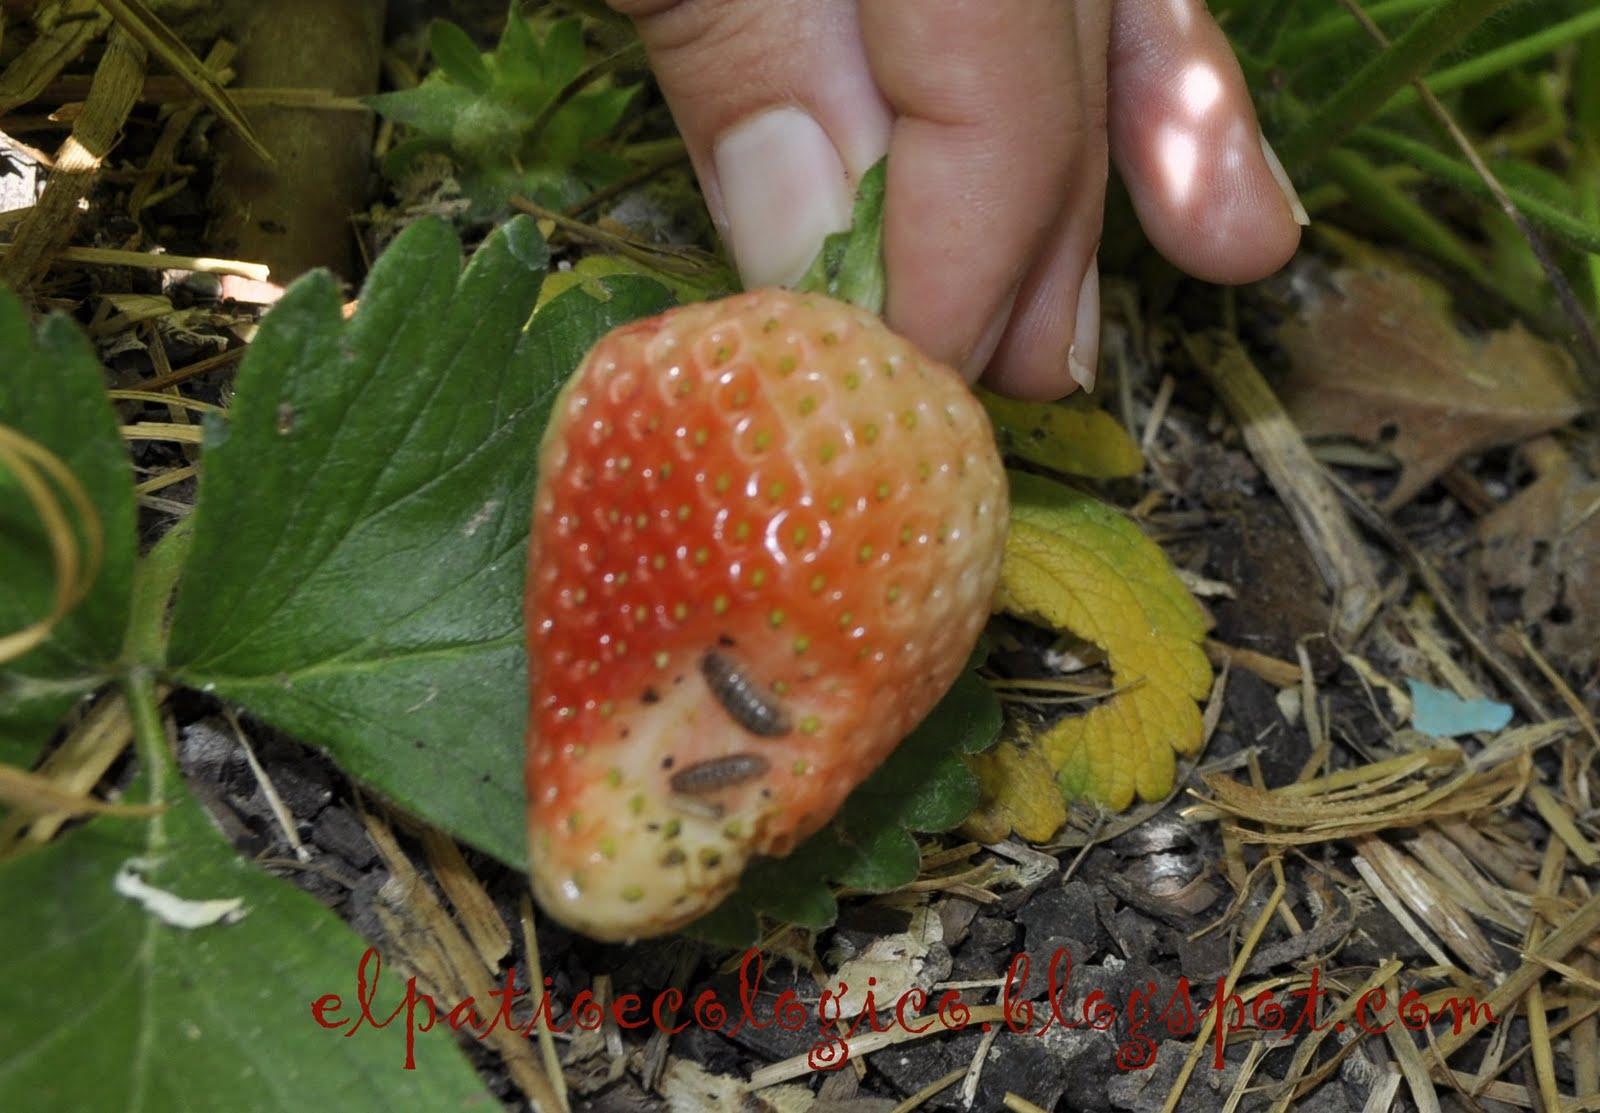 El patio ecol gico las cochinillas se comen las fresas for Caracol de jardin de que se alimenta